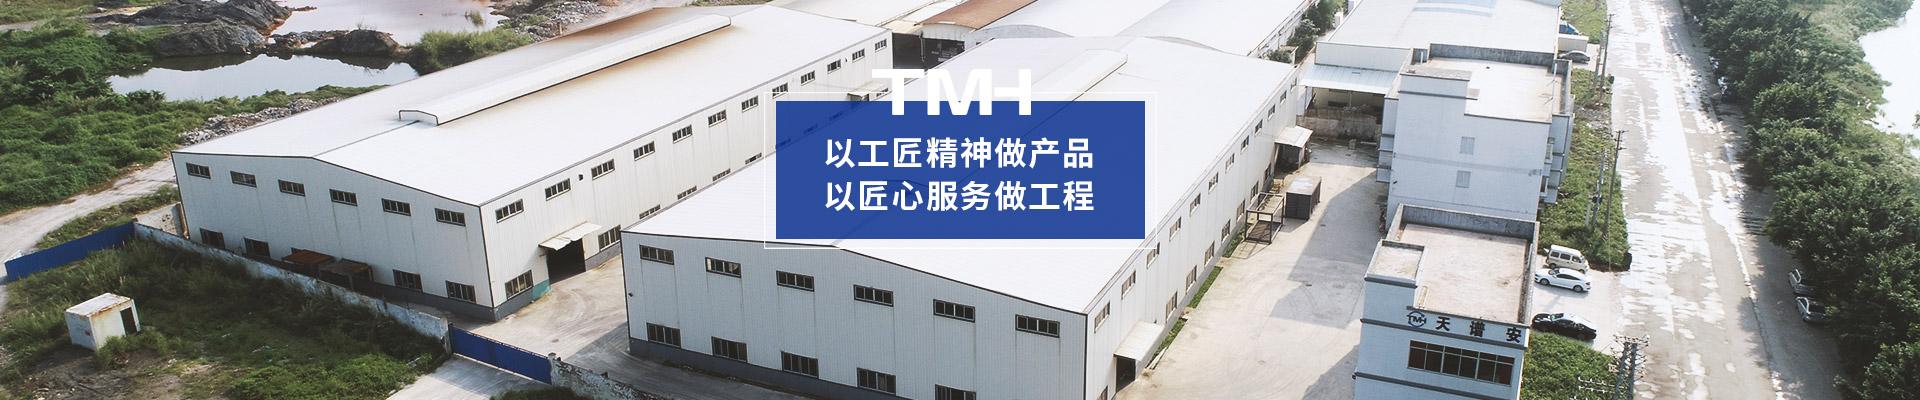 天谱安-钢结构工程设计、加工、施工一体化综合服务商